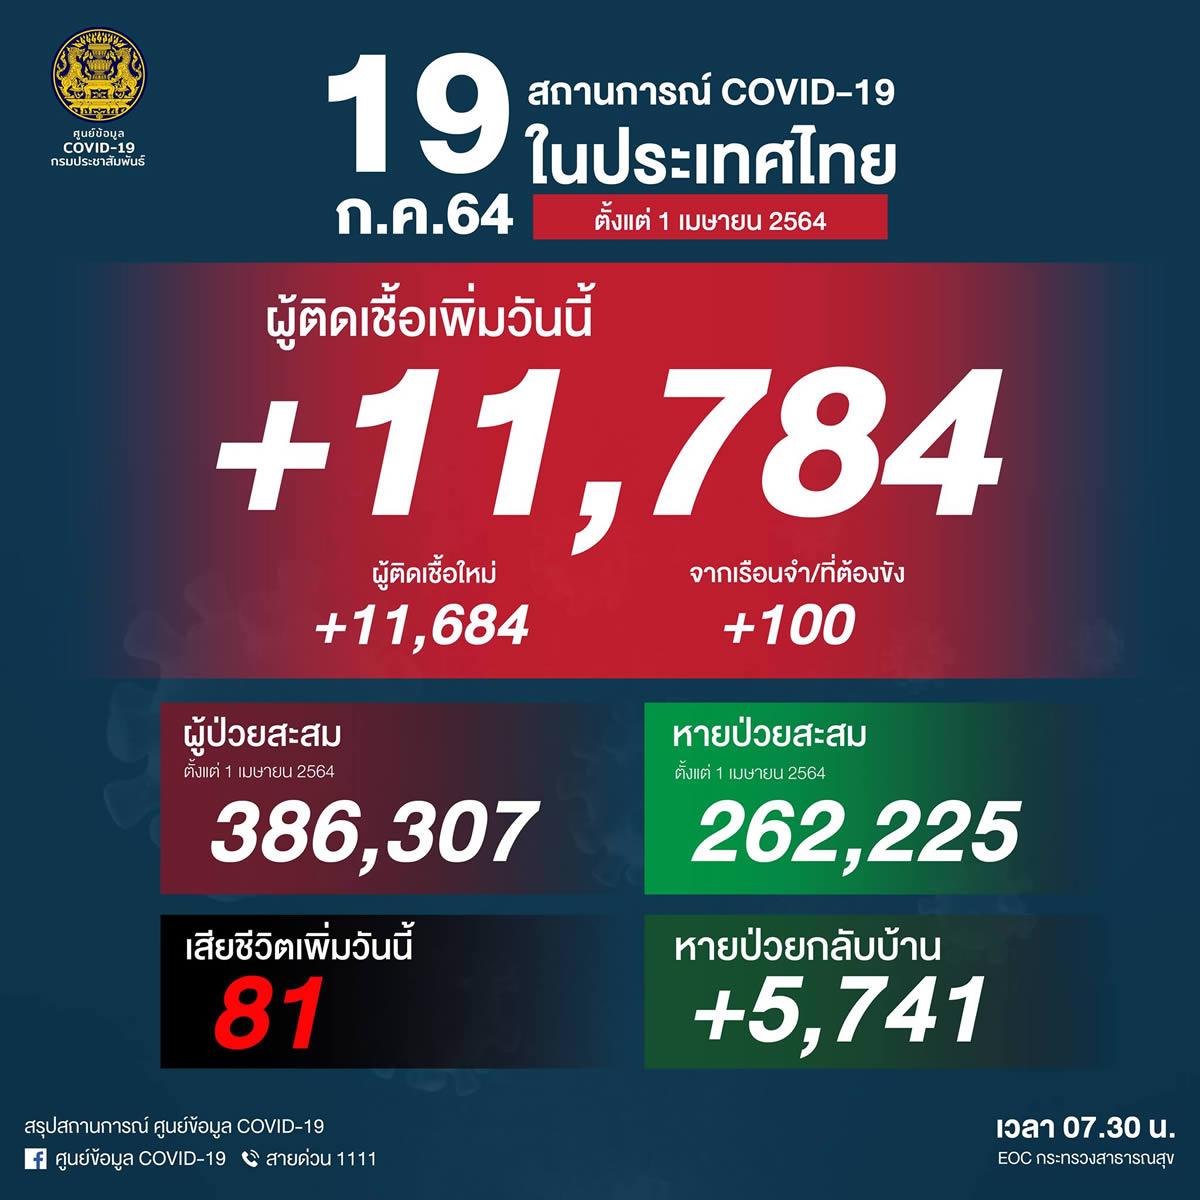 過去最多の11,784人陽性(刑務所100人)、81人死亡[2021/7/19]